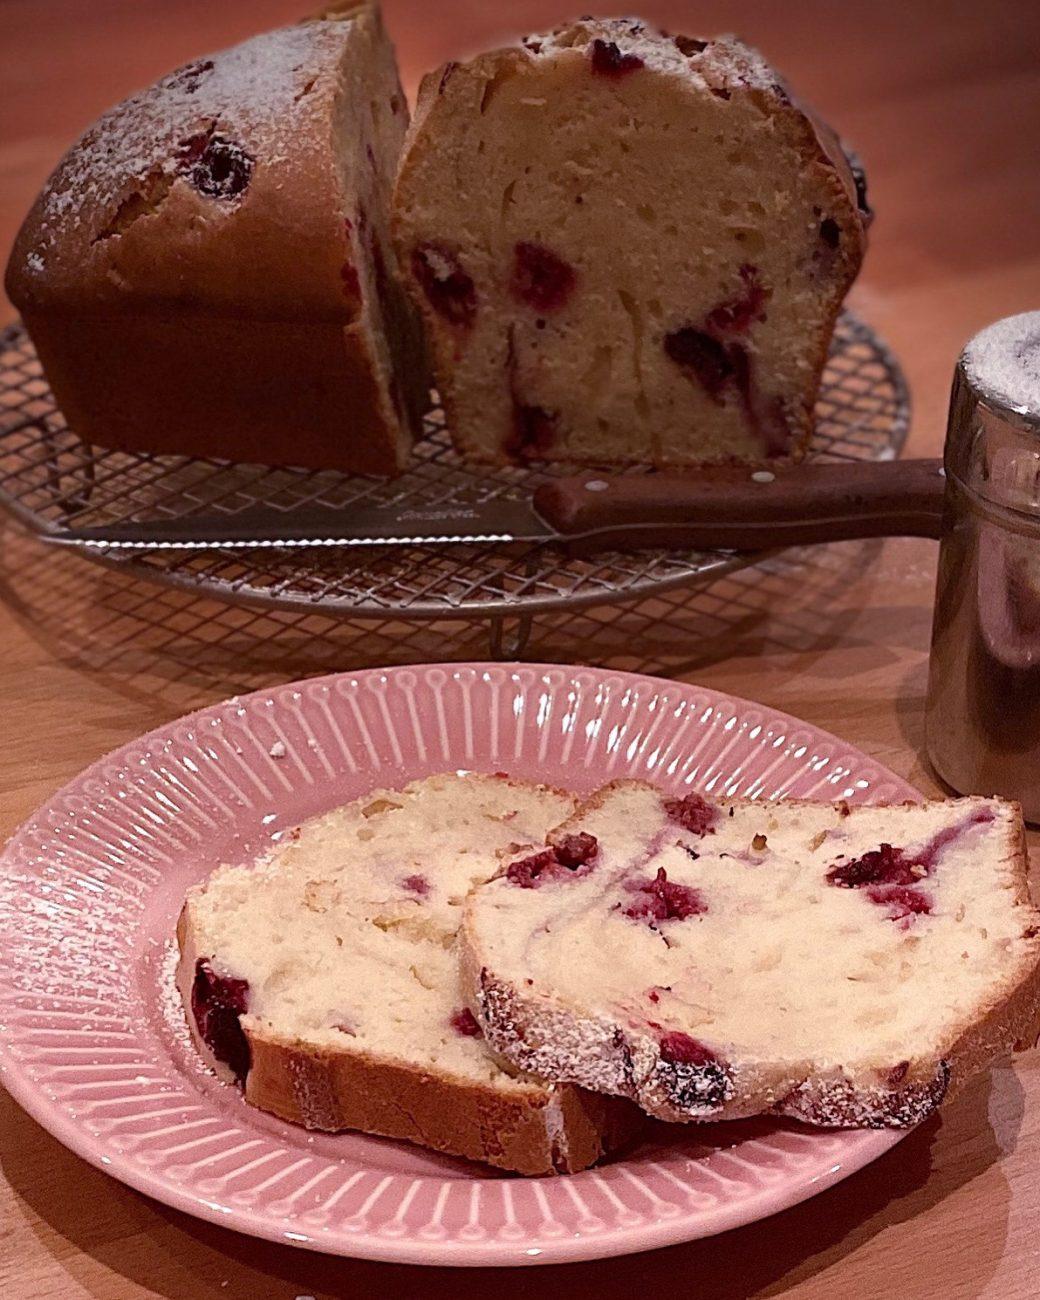 Raspberries Plum Cake